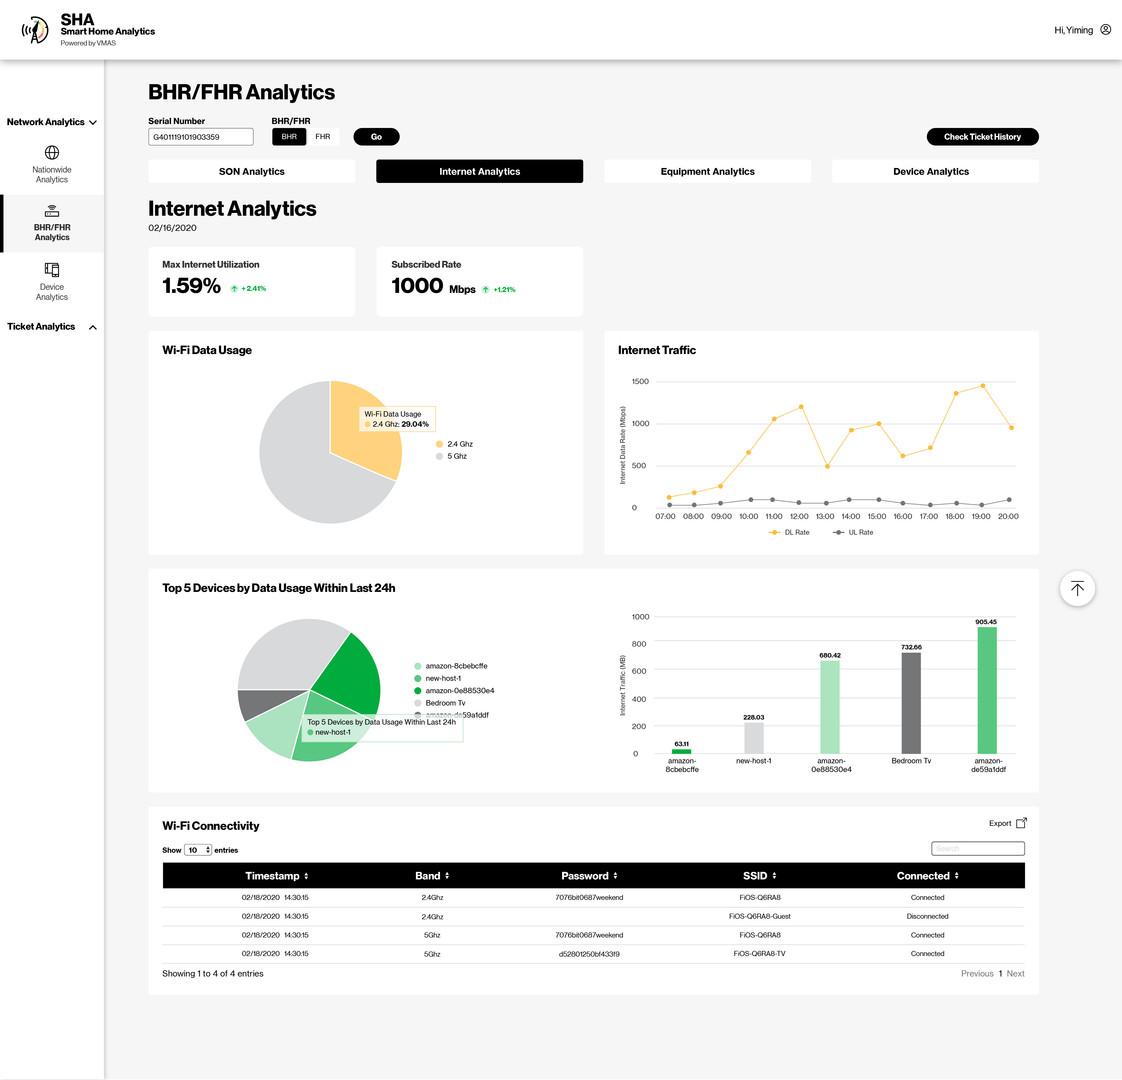 BHR/FHR Analytics_Internet Analytics